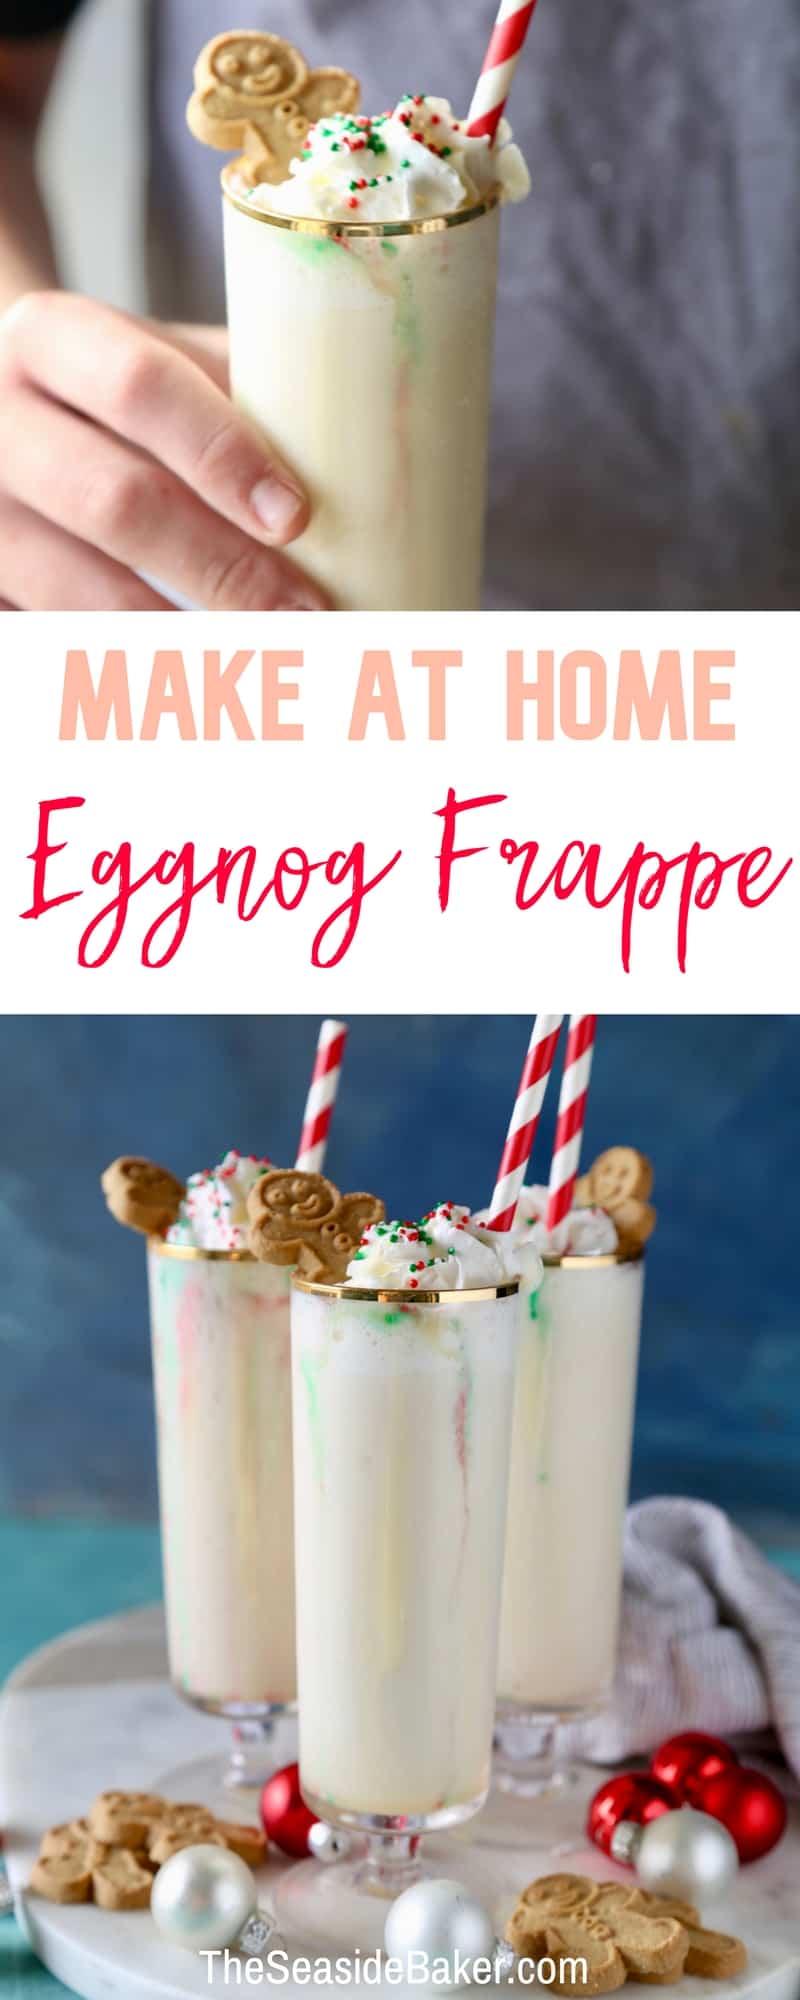 Homemade Eggnog Frappe